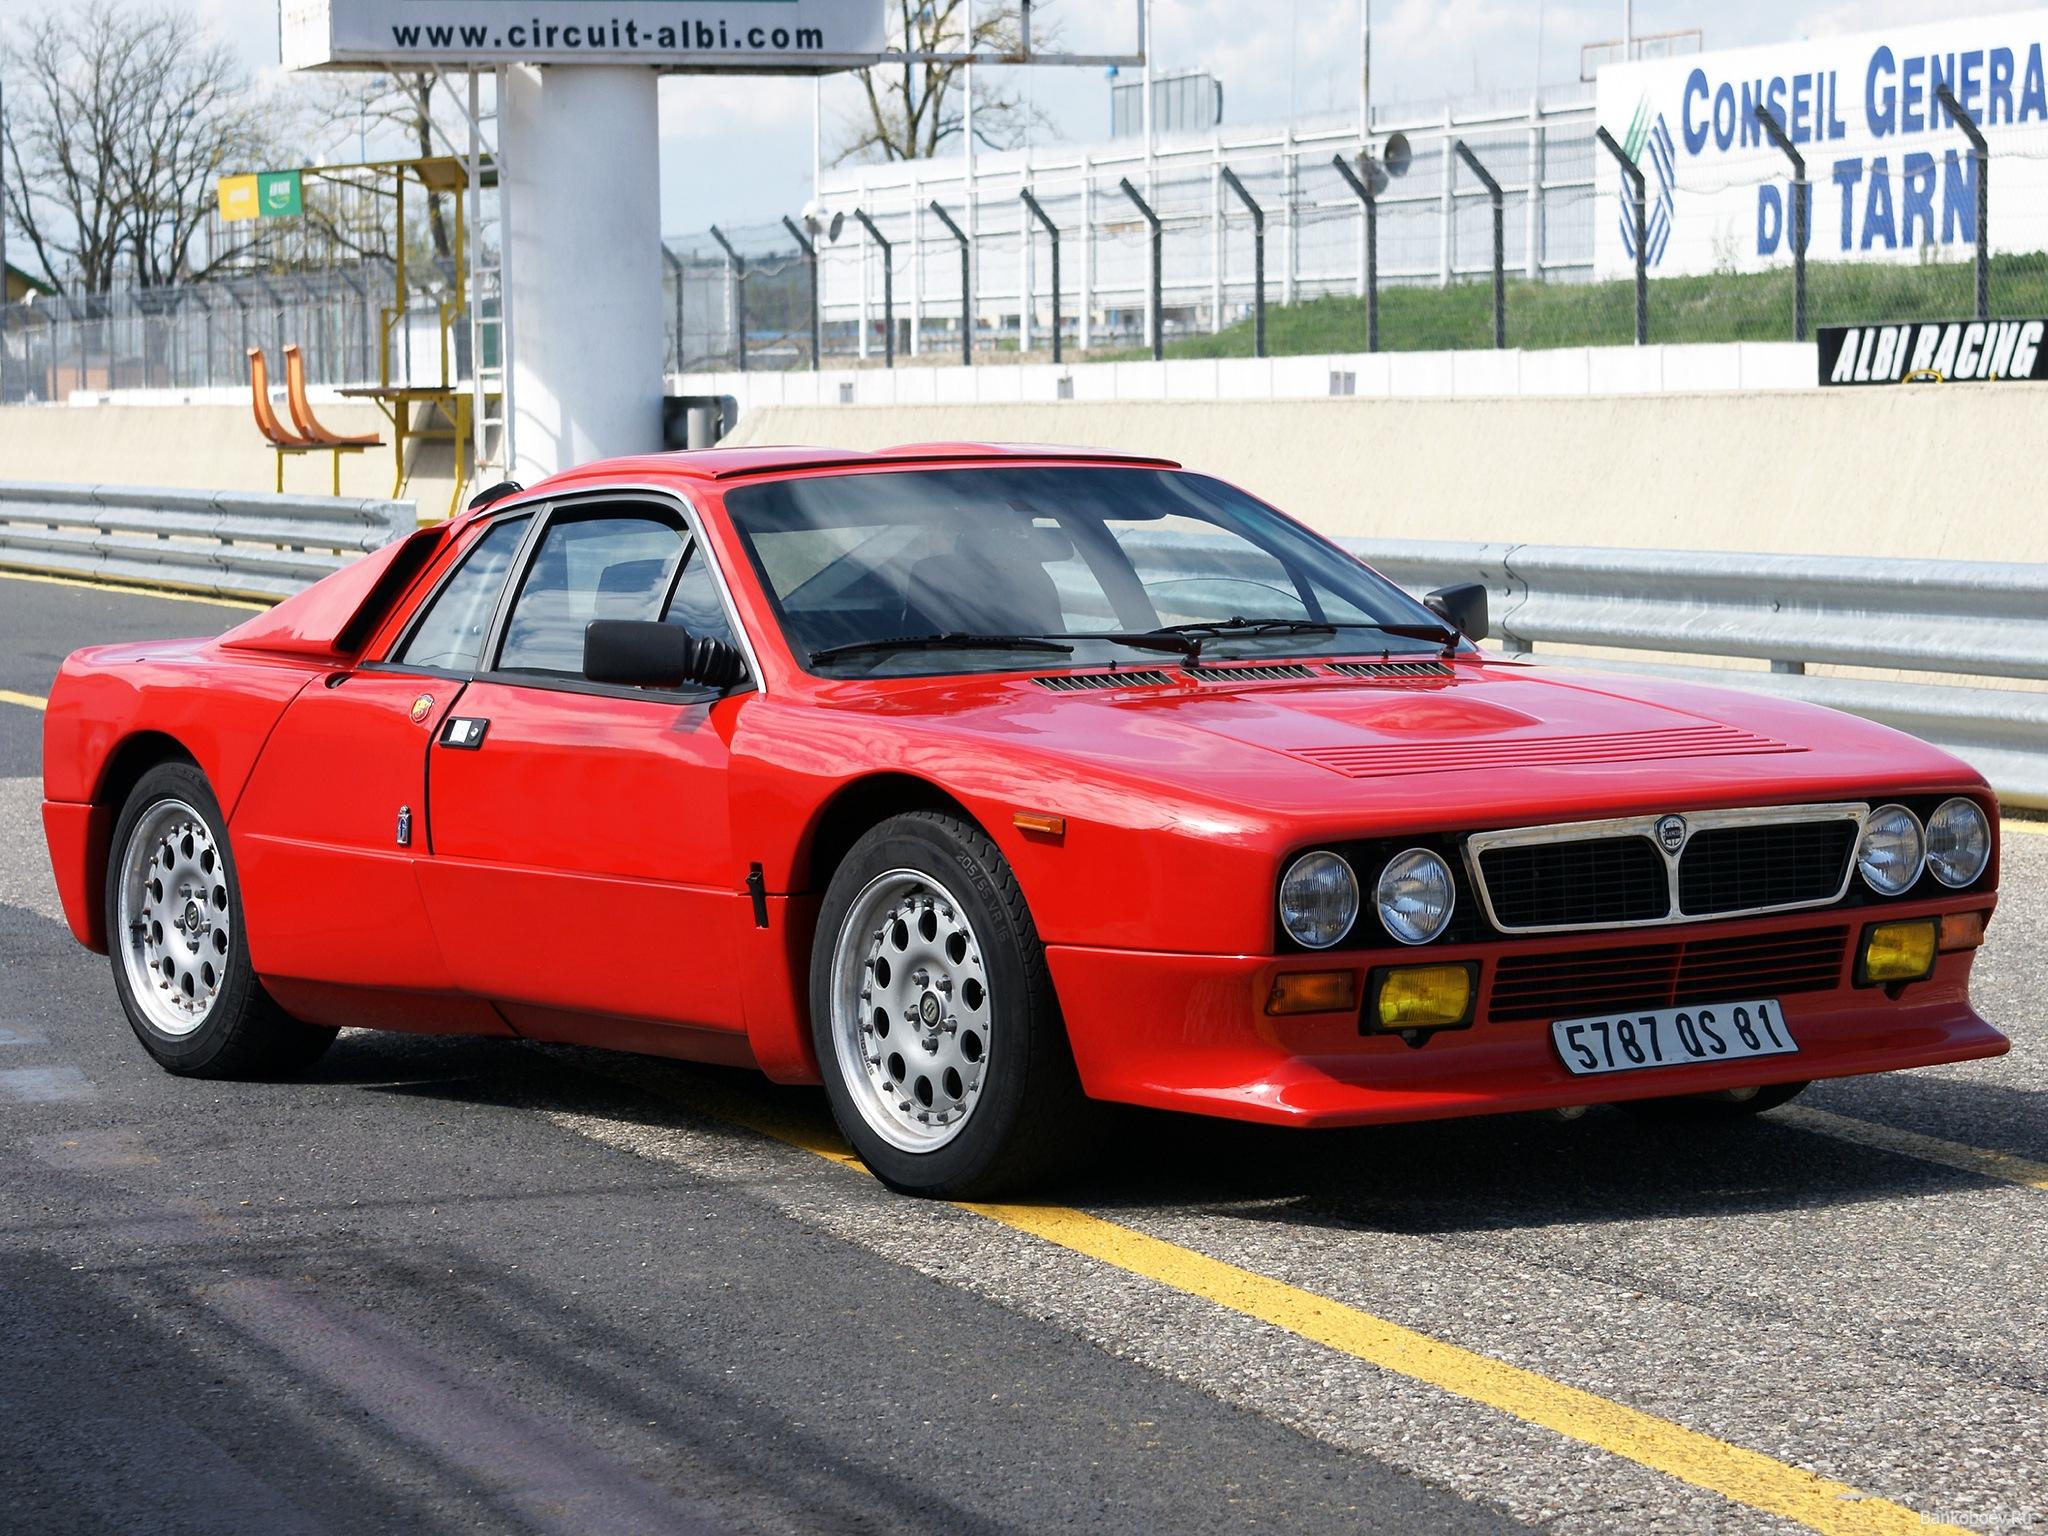 Lancia Rally 037 1982 - 1983 Coupe #5